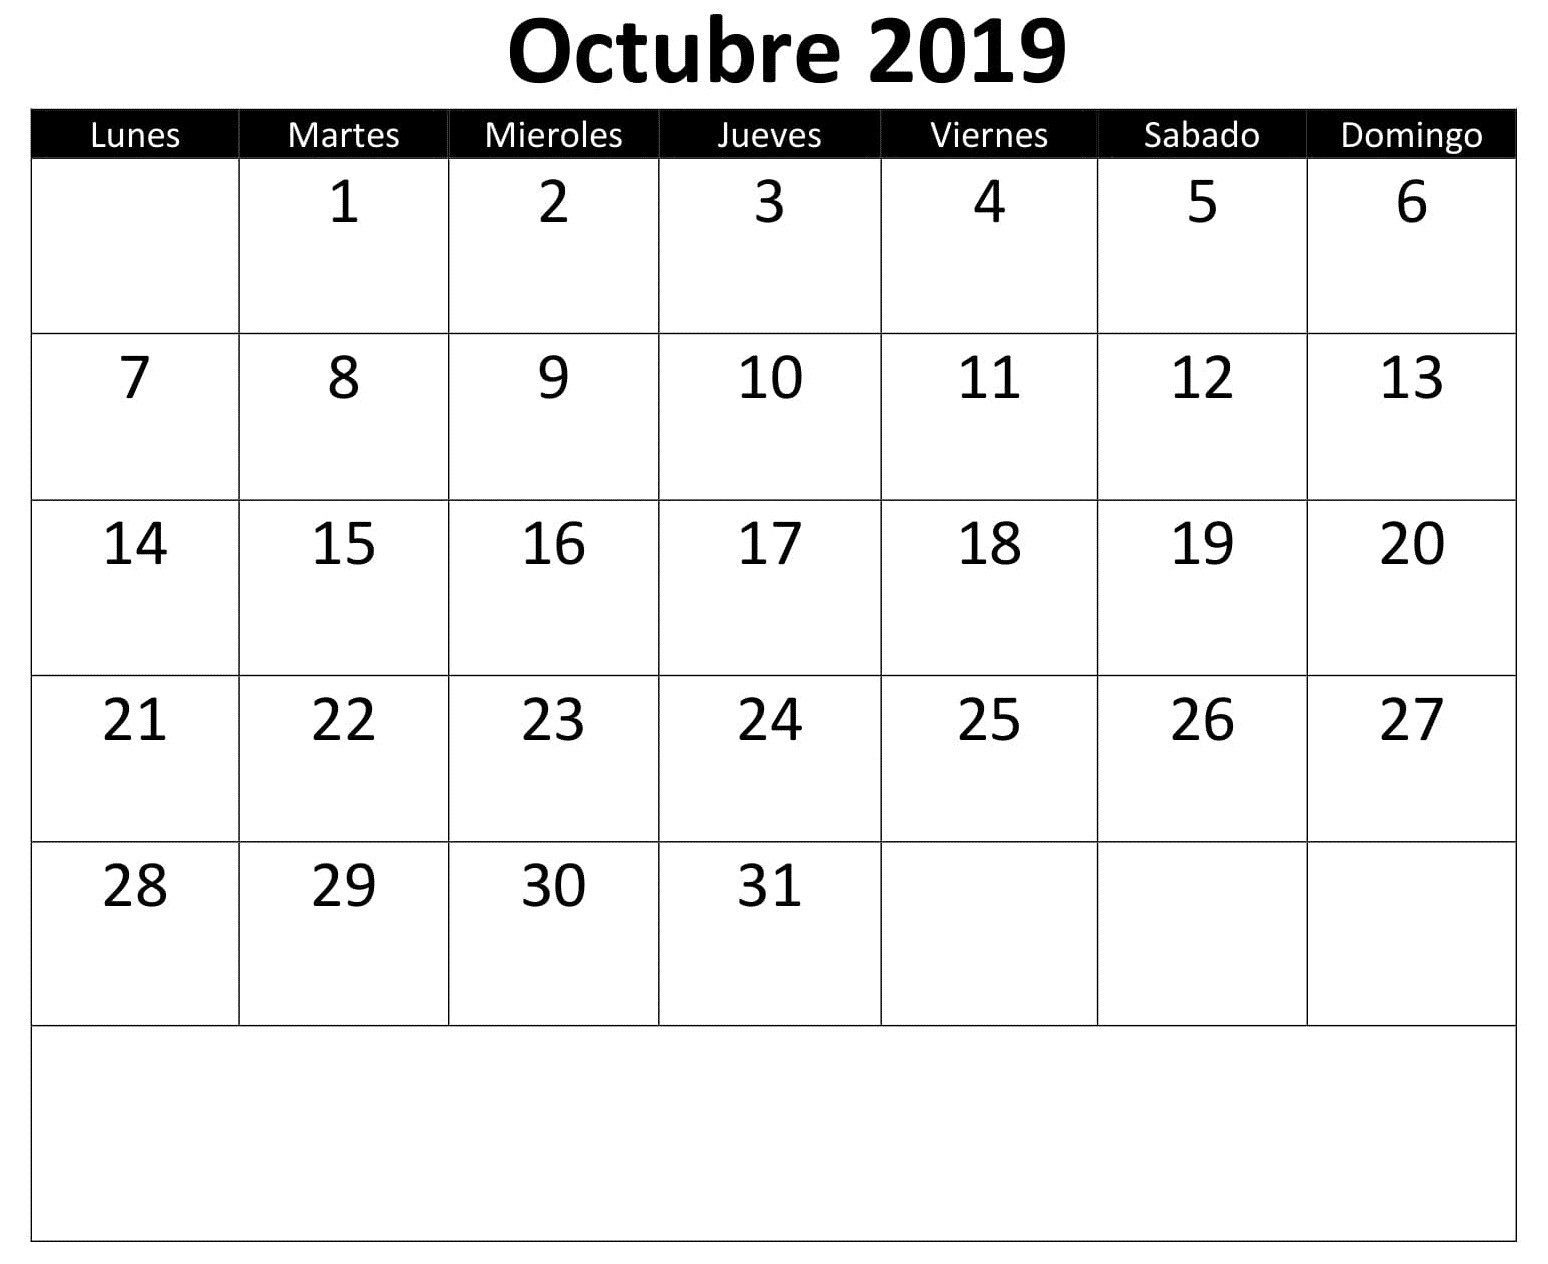 Imprimir Calendario De Marzo 2019 Más Caliente Calendario De Octubre 2019 Of Imprimir Calendario De Marzo 2019 Más Caliente Pin De Mara En Calendario